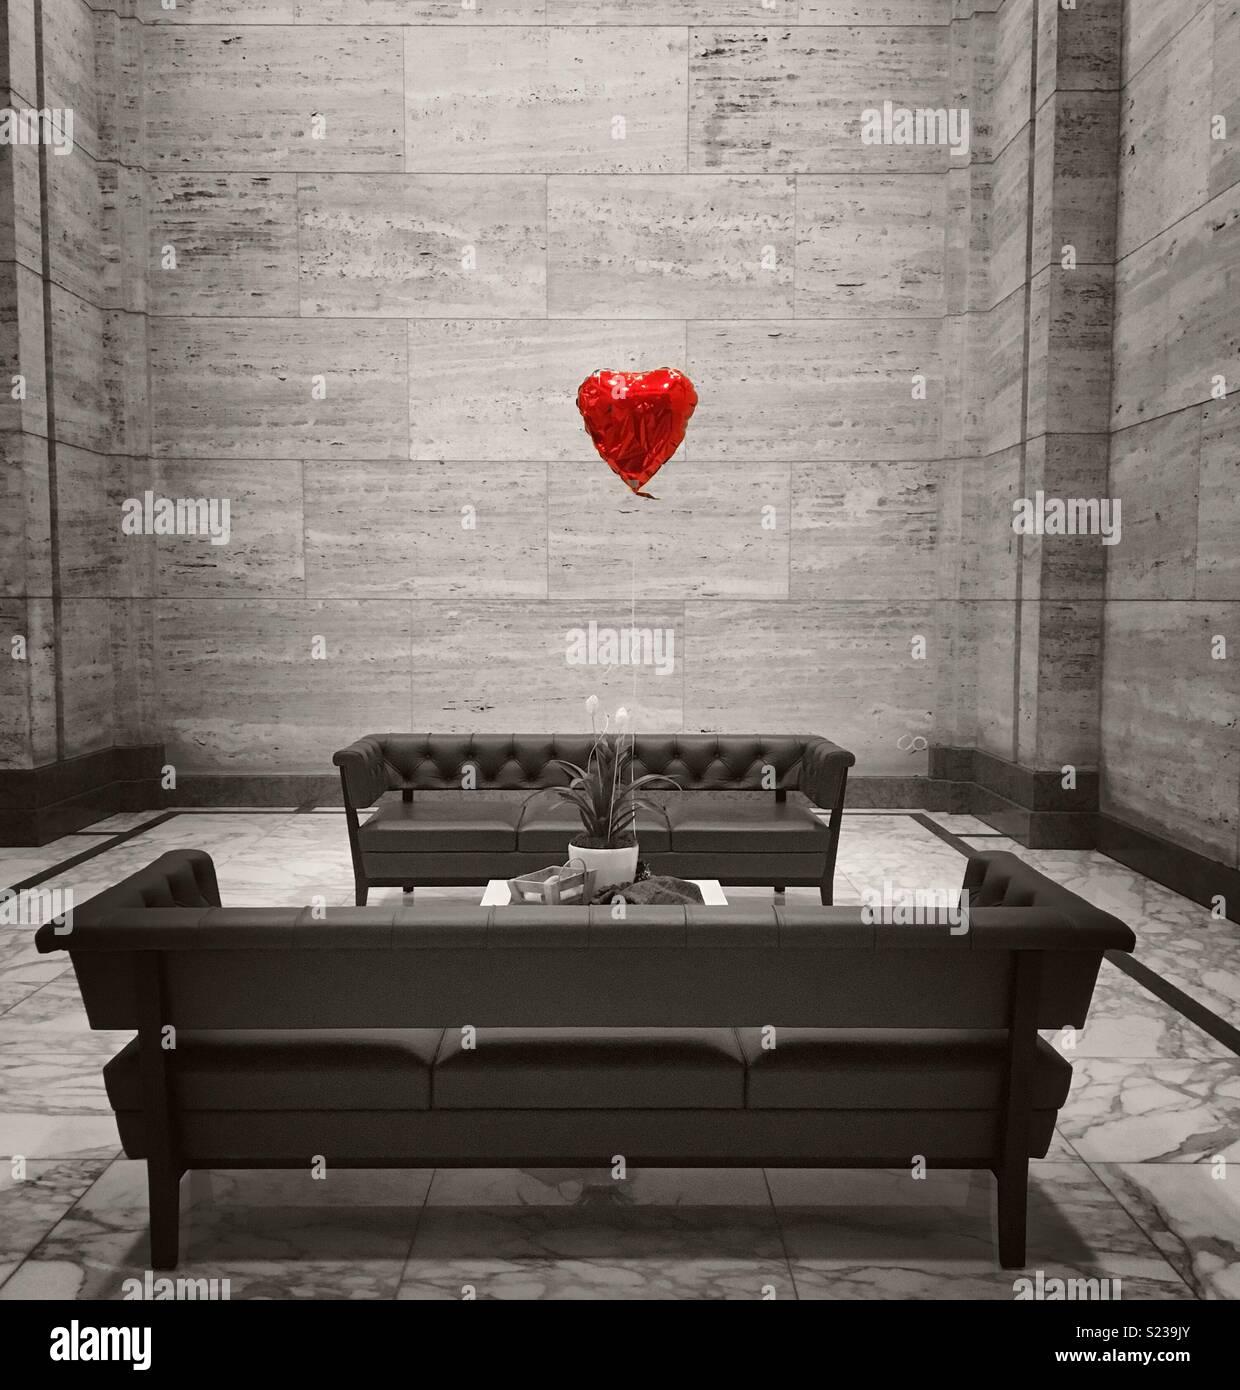 Ballon rouge coeur avec des couleurs désaturées. Photo Stock